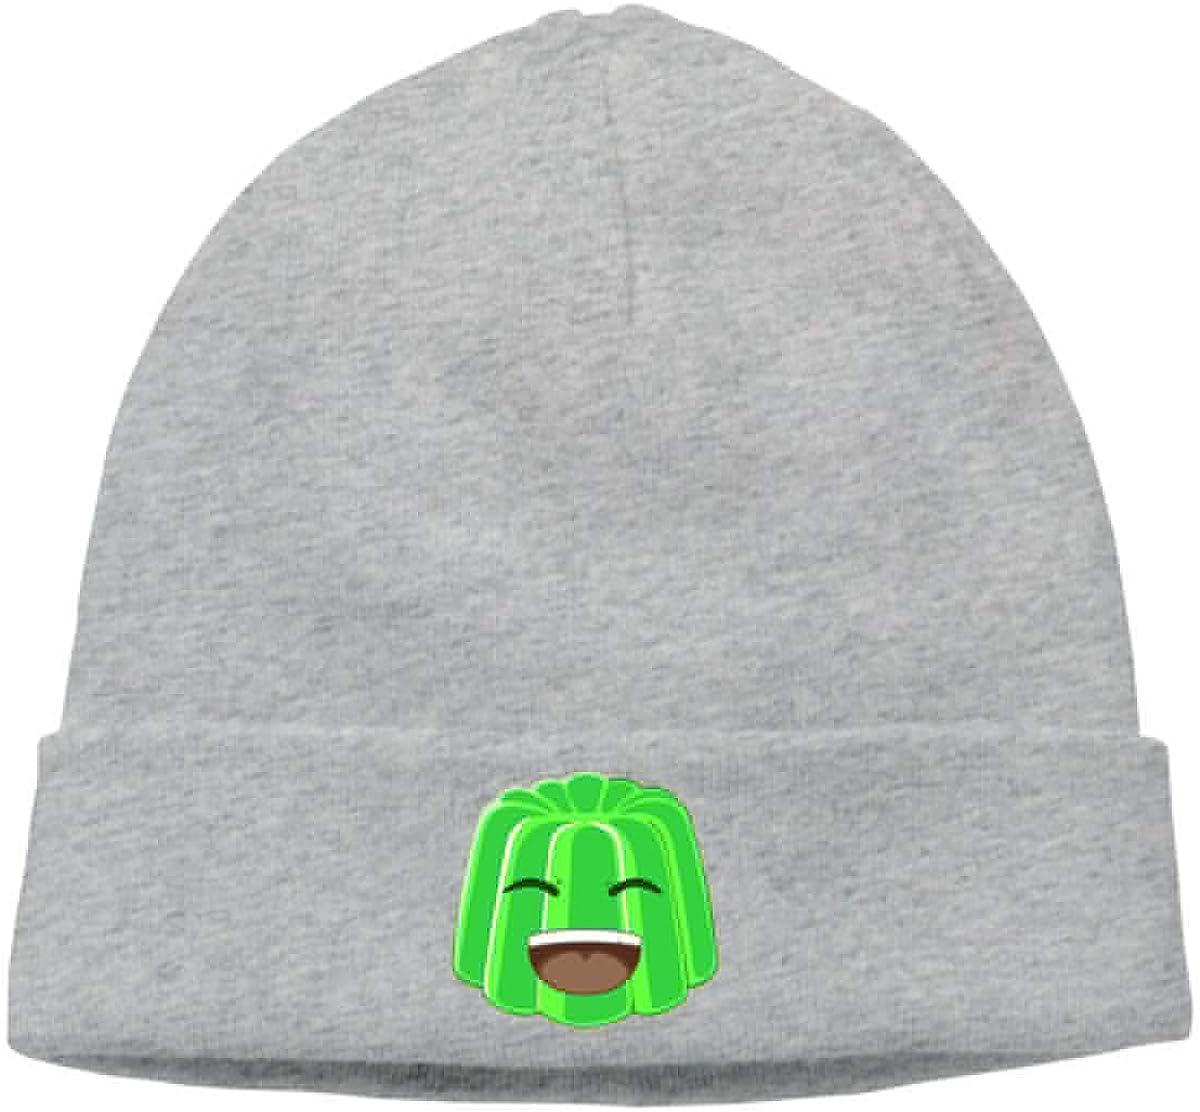 Nskngr `1 Jelly YT YouTube Men Winter Summer Stretchy /& Soft Ski Slouchy Hat